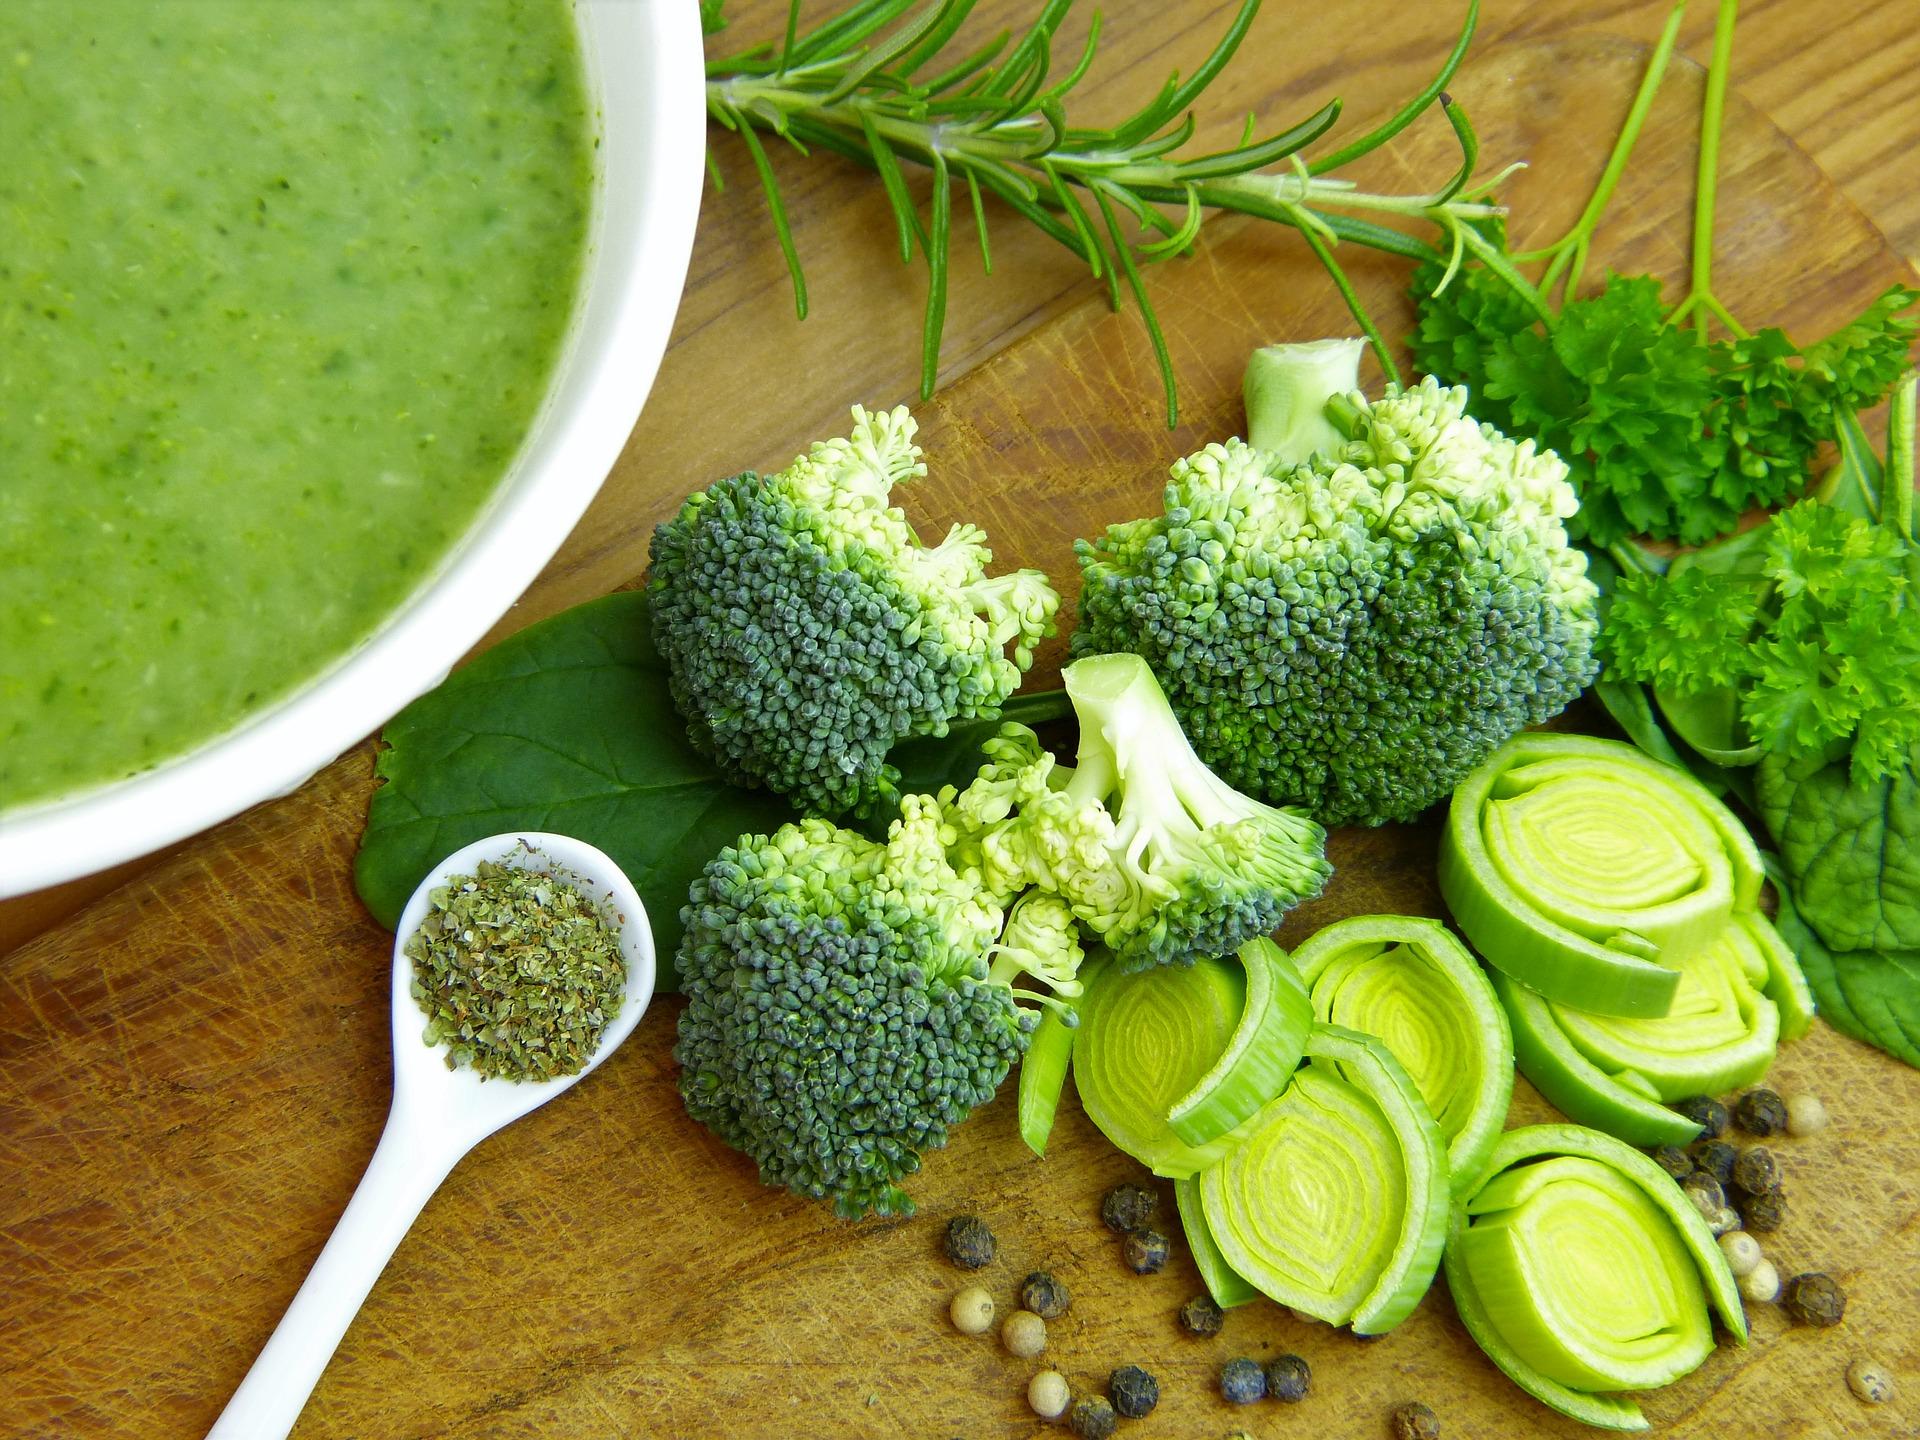 Brokolice obsahuje velké množství bílkovin / foto: pixabay.com